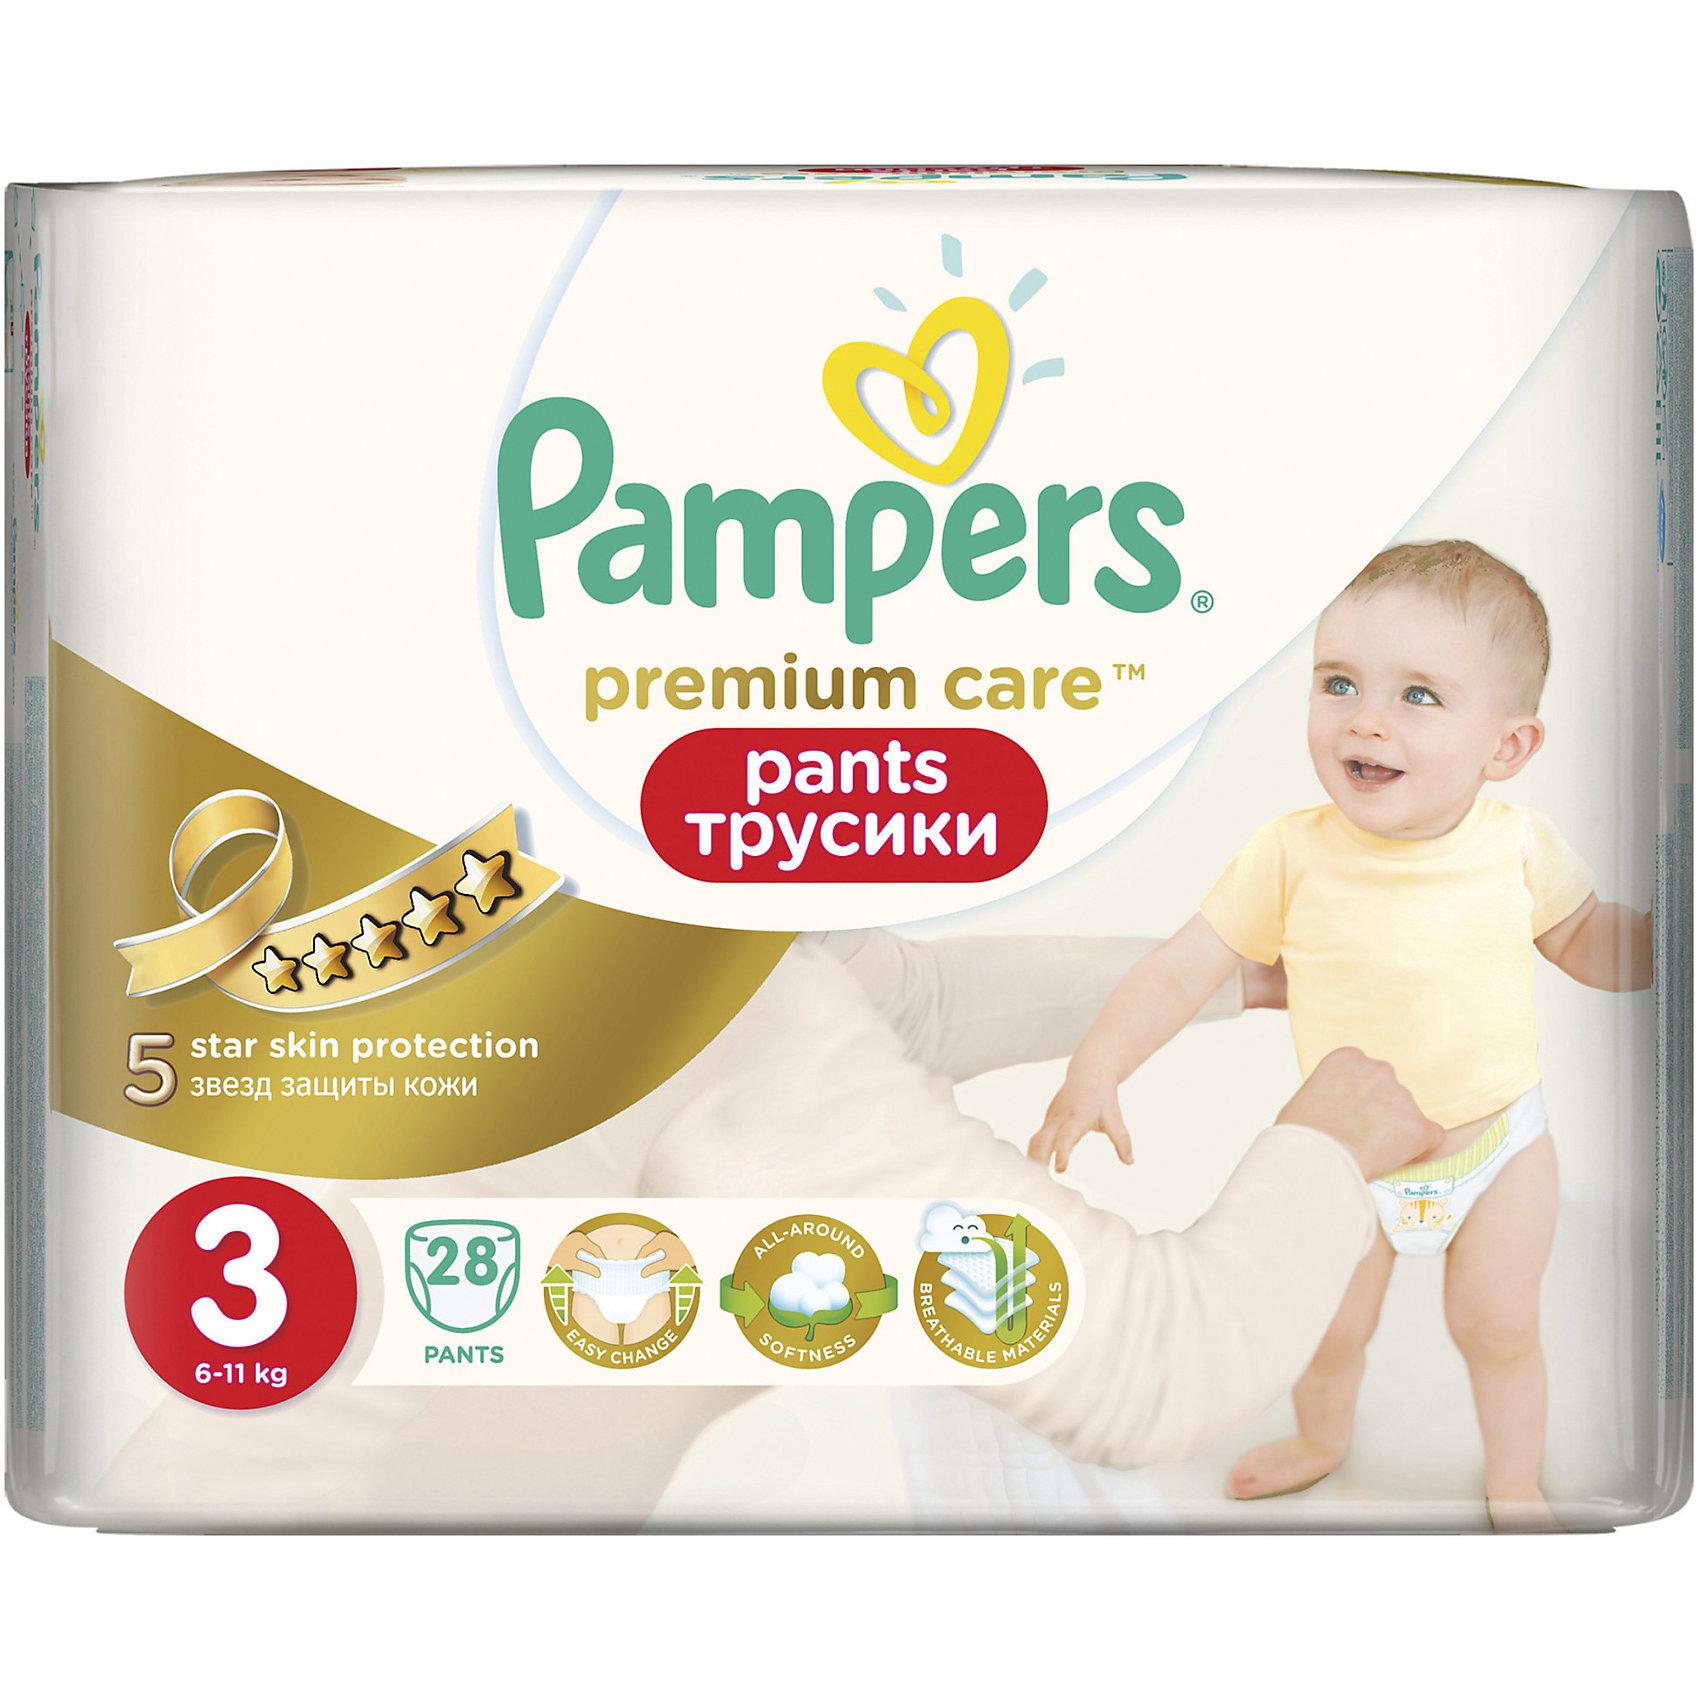 Трусики Pampers Premium Care Pants, 6-11кг, размер 3, 28 шт., PampersХарактеристики:<br><br>• Вид подгузника: трусики<br>• Пол: универсальный<br>• Тип подгузника: одноразовый<br>• Коллекция: Premium Care<br>• Предназначение: для использования в любое время суток <br>• Размер: 3<br>• Вес ребенка: от 6 до 11 кг<br>• Количество в упаковке: 28 шт.<br>• Упаковка: пакет<br>• Размер упаковки: 27,6*14,3*21 см<br>• Вес в упаковке: 750 г<br>• Наружные боковые швы<br>• Подходят для чувствительной кожи<br>• Индикатор влаги<br>• Дышащие материалы<br>• Повышенные впитывающие свойства<br><br>Трусики Pampers Premium Care Pants, 6-11кг, размер 3, 28 шт., Pampers – это новейшая линейка детских подгузников от Pampers, которая сочетает в себе высокое качество и безопасность материалов, удобство использования и комфорт для нежной кожи малыша. Подгузники выполнены в виде трусиков и предназначены для детей весом до 11 кг. Инновационные технологии и современные материалы обеспечивают этим подгузникам дышащие свойства, что особенно важно для кожи малыша. <br><br>Три впитывающих слоя обеспечивают повышенные впитывающие качества, при этом верхний слой остается сухим и мягким. У трусиков предусмотрена эластичная мягкая резиночка на спинке и манжеты на ножках, что защищает от протекания. У изделия имеется индикатор сухости-влажности: полоска, которая по мере наполнения меняет цвет. Боковые наружные швы не натирают нежную кожу малыша, легко разрываются при смене трусиков. Сзади имеется клейкая лента, которая позволяет зафиксировать свернутые после использования трусики. Трусики подходит как для мальчиков, так и для девочек. <br><br>Трусики Pampers Premium Care Pants, 6-11кг, размер 3, 28 шт., Pampers можно купить в нашем интернет-магазине.<br><br>Ширина мм: 267<br>Глубина мм: 143<br>Высота мм: 210<br>Вес г: 75<br>Возраст от месяцев: 3<br>Возраст до месяцев: 12<br>Пол: Унисекс<br>Возраст: Детский<br>SKU: 5419032